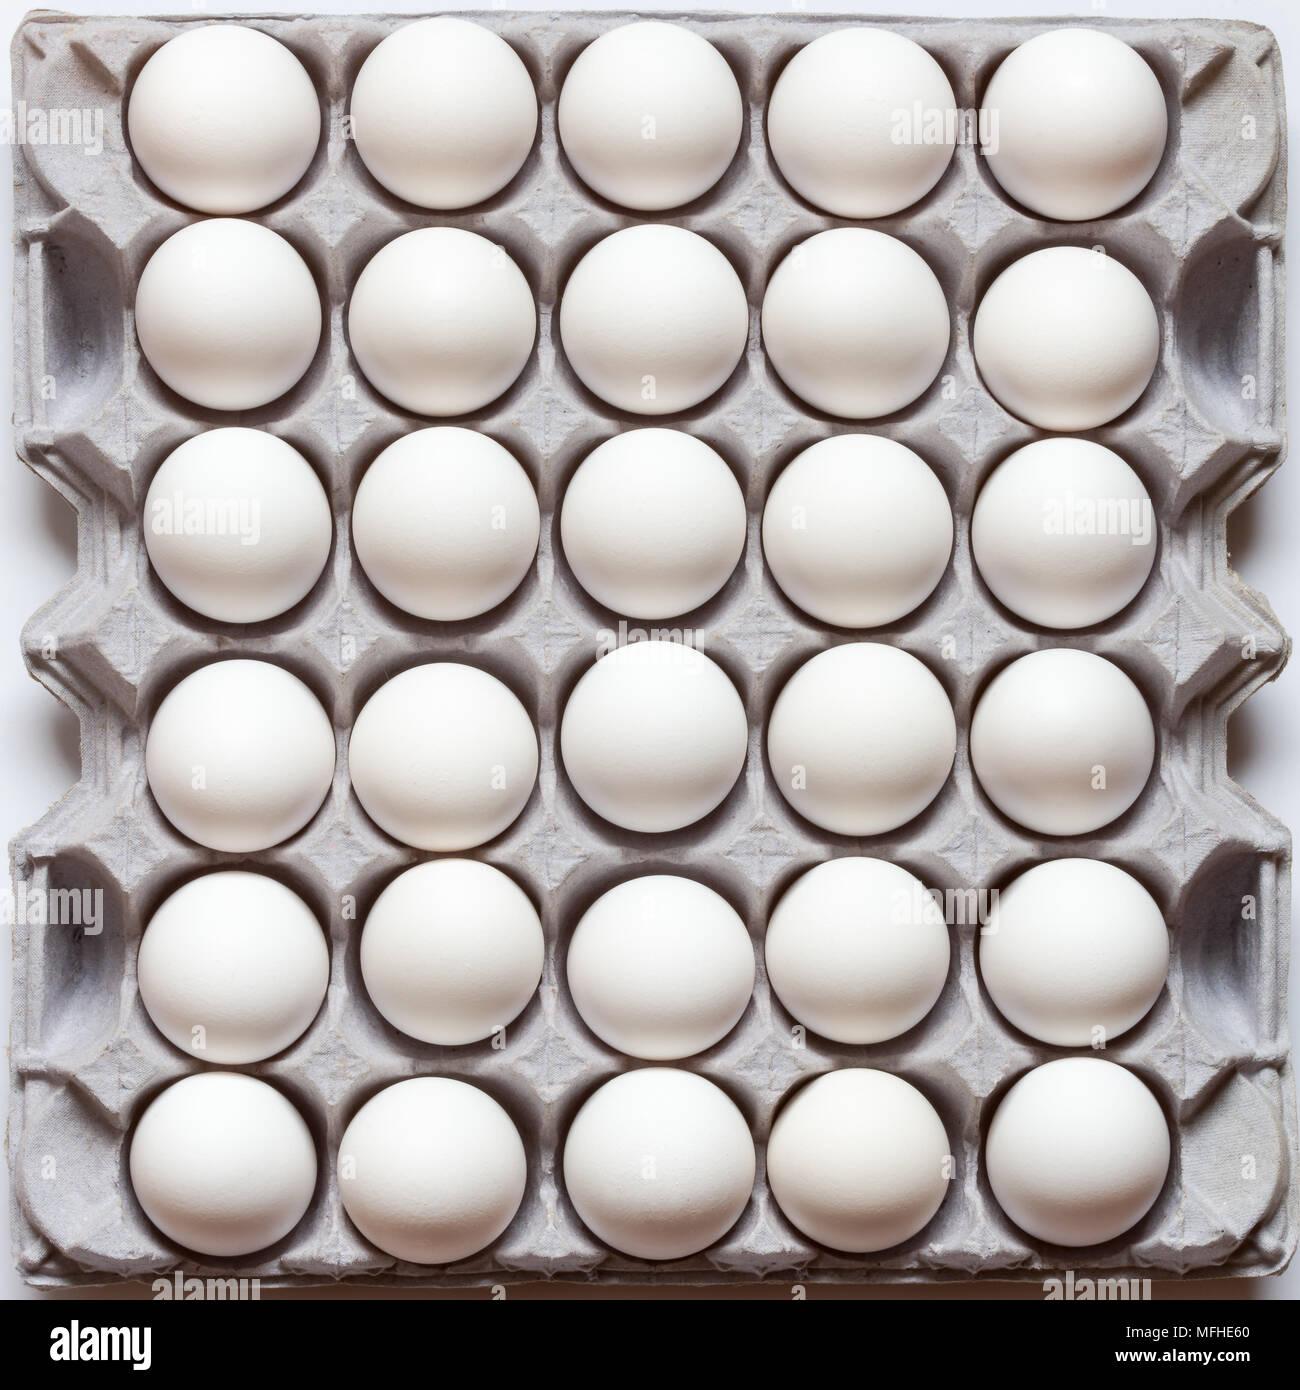 Un cartón de huevos 39 Imagen De Stock